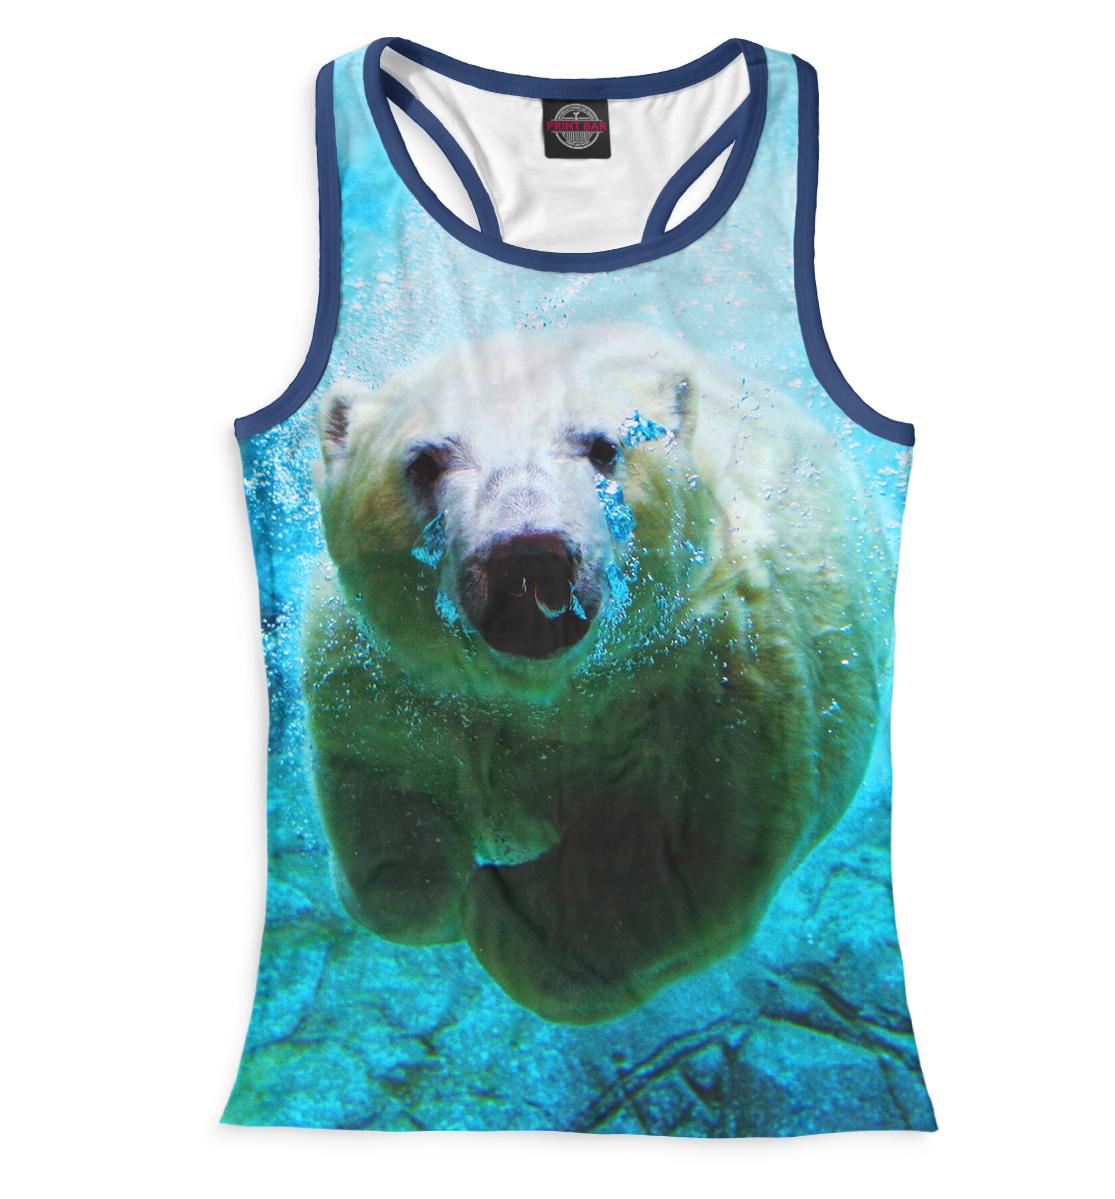 Купить Белый медведь под водой, Printbar, Майки борцовки, MED-880953-mayb-1